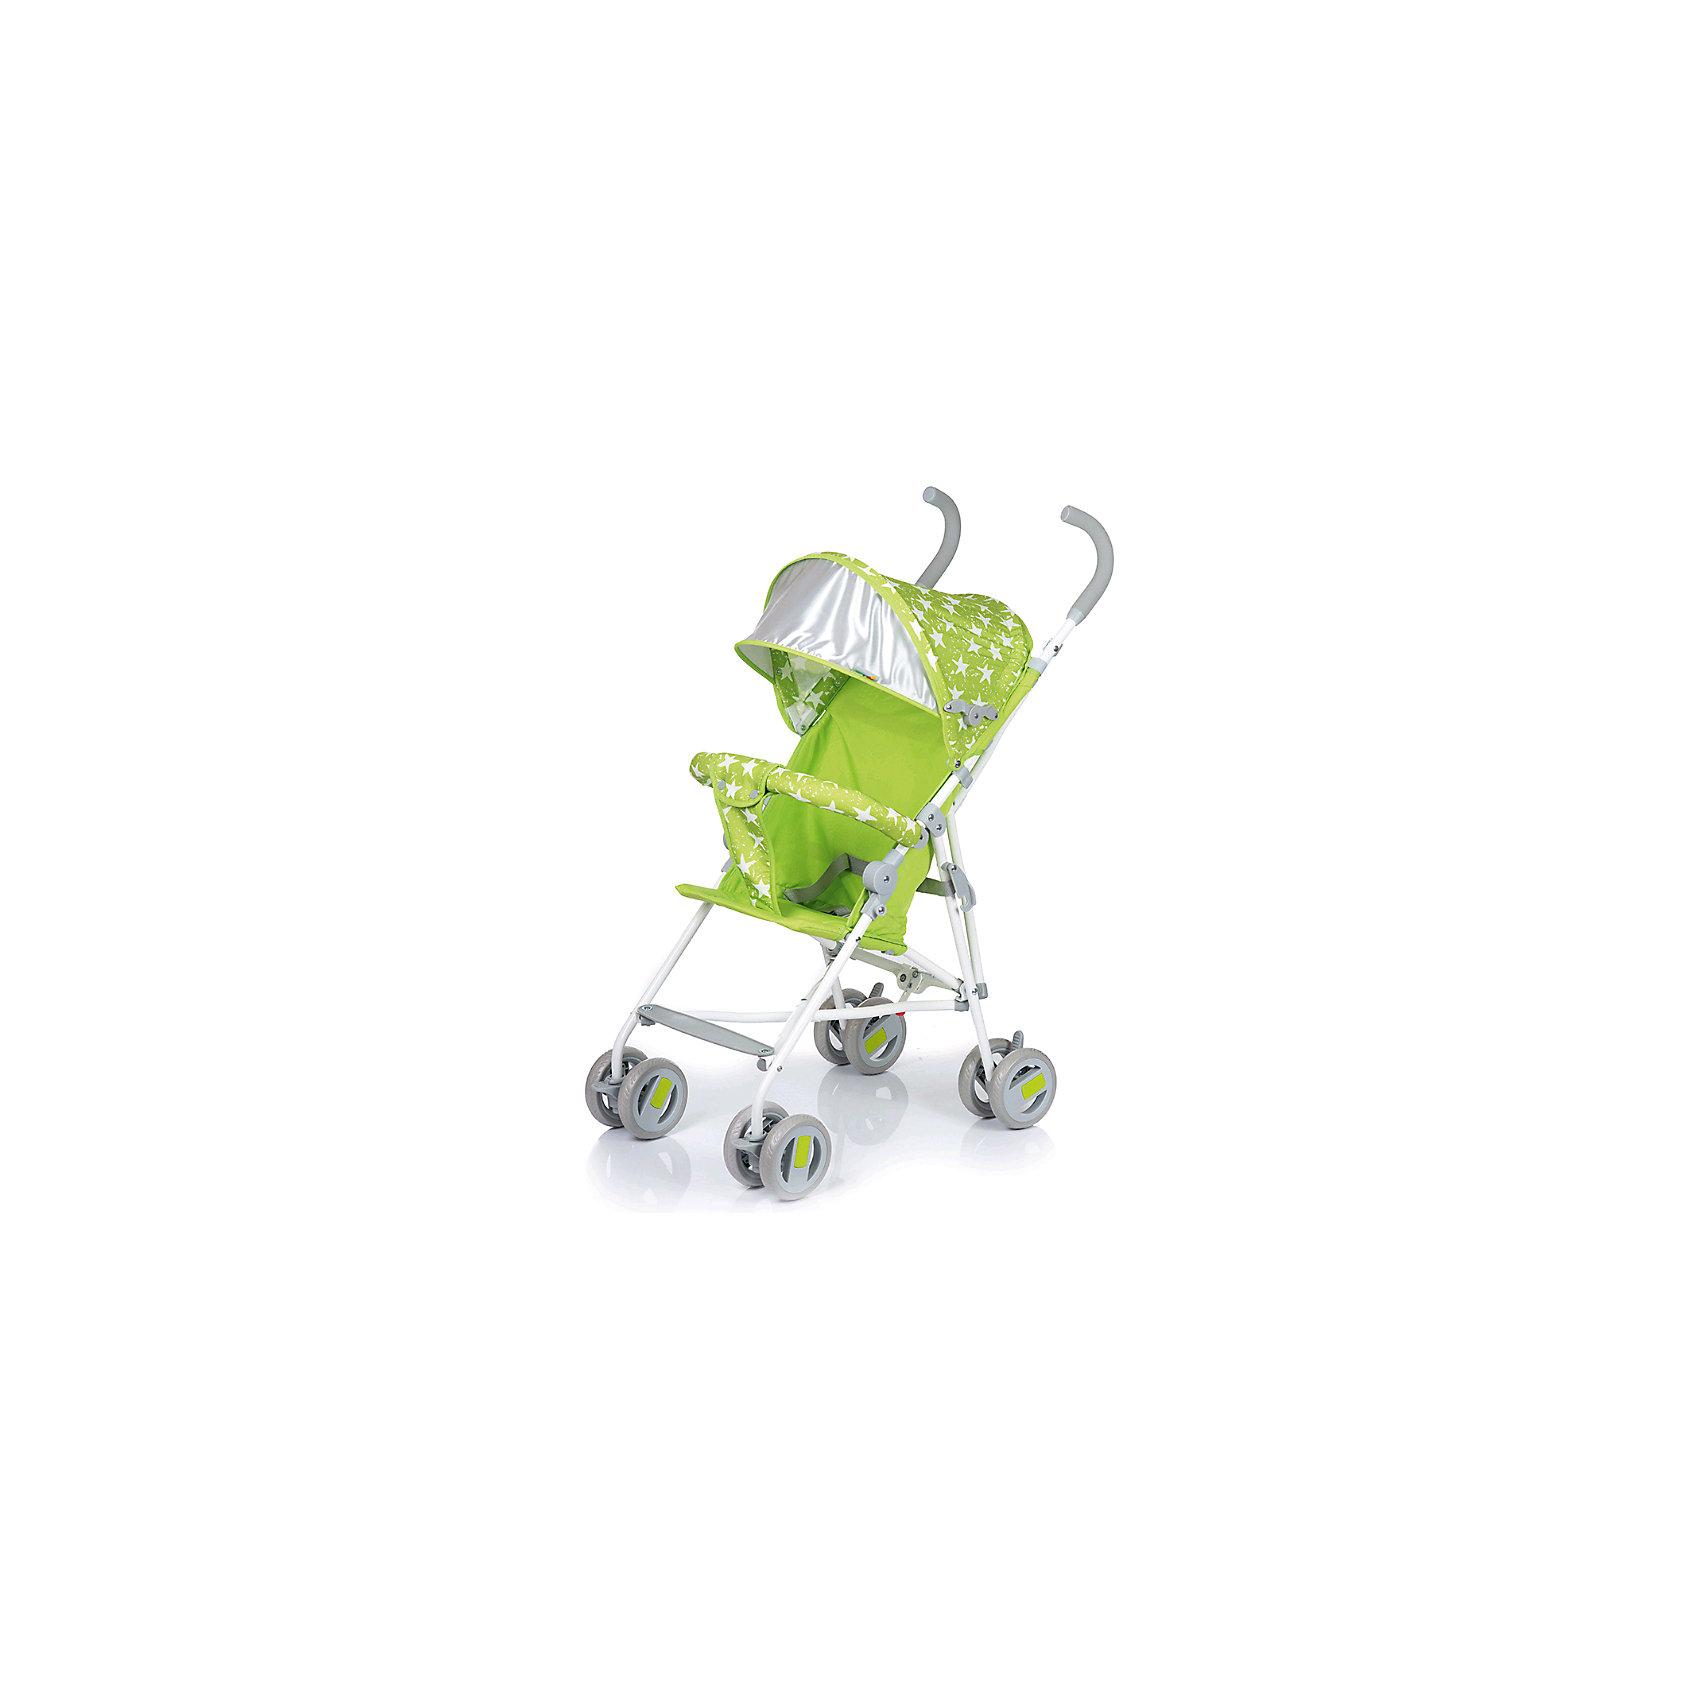 Коляска-трость BabyHit WEENY Звезды, зеленыйКоляски-трости<br>Характеристики коляски:<br><br>• защитный бампер с мягким разделителем;<br>• защитный поясной ремень;<br>• капюшон оснащен широким солнцезащитным козырьком;<br>• малыш может поставить ножки на пластиковую подножку;<br>• сдвоенные колеса на передней и задней оси;<br>• передние «плавающие» колеса с фиксаторами;<br>• ножной тормоз;<br>• высота спинки: 46 см;<br>• диаметр колес: 12,7 см;<br>• тип складывания коляски: трость.<br><br>Обратите внимание: <br>• спинка и подножка коляски не регулируется;<br>• коляска без корзины для покупок.<br><br>Размер коляски: 75х45х93 см<br>Вес коляски: 4,1 кг<br>Размер коляски в сложенном виде: 109х29,5х27,5 см<br>Размер упаковки: 105х41х29 см<br>Вес в упаковке: 4,5 кг<br><br>Легкая и маневренная коляска-трость отлично подходит для путешествий с маленьким ребенком, не занимает много места в багажнике автомобиля, быстро складывается и раскладывается. Ребенок не соскользнет вниз благодаря защитному поручню с паховым ограничителем. Сдвоенные колеса можно зафиксировать, когда коляска едет по песку или гальке. Коляска оснащена тормозами на задних колесах. <br><br>Коляску-трость WEENY, Babyhit можно купить в нашем интернет-магазине.<br><br>Ширина мм: 1050<br>Глубина мм: 290<br>Высота мм: 410<br>Вес г: 4625<br>Возраст от месяцев: 7<br>Возраст до месяцев: 36<br>Пол: Унисекс<br>Возраст: Детский<br>SKU: 6668597